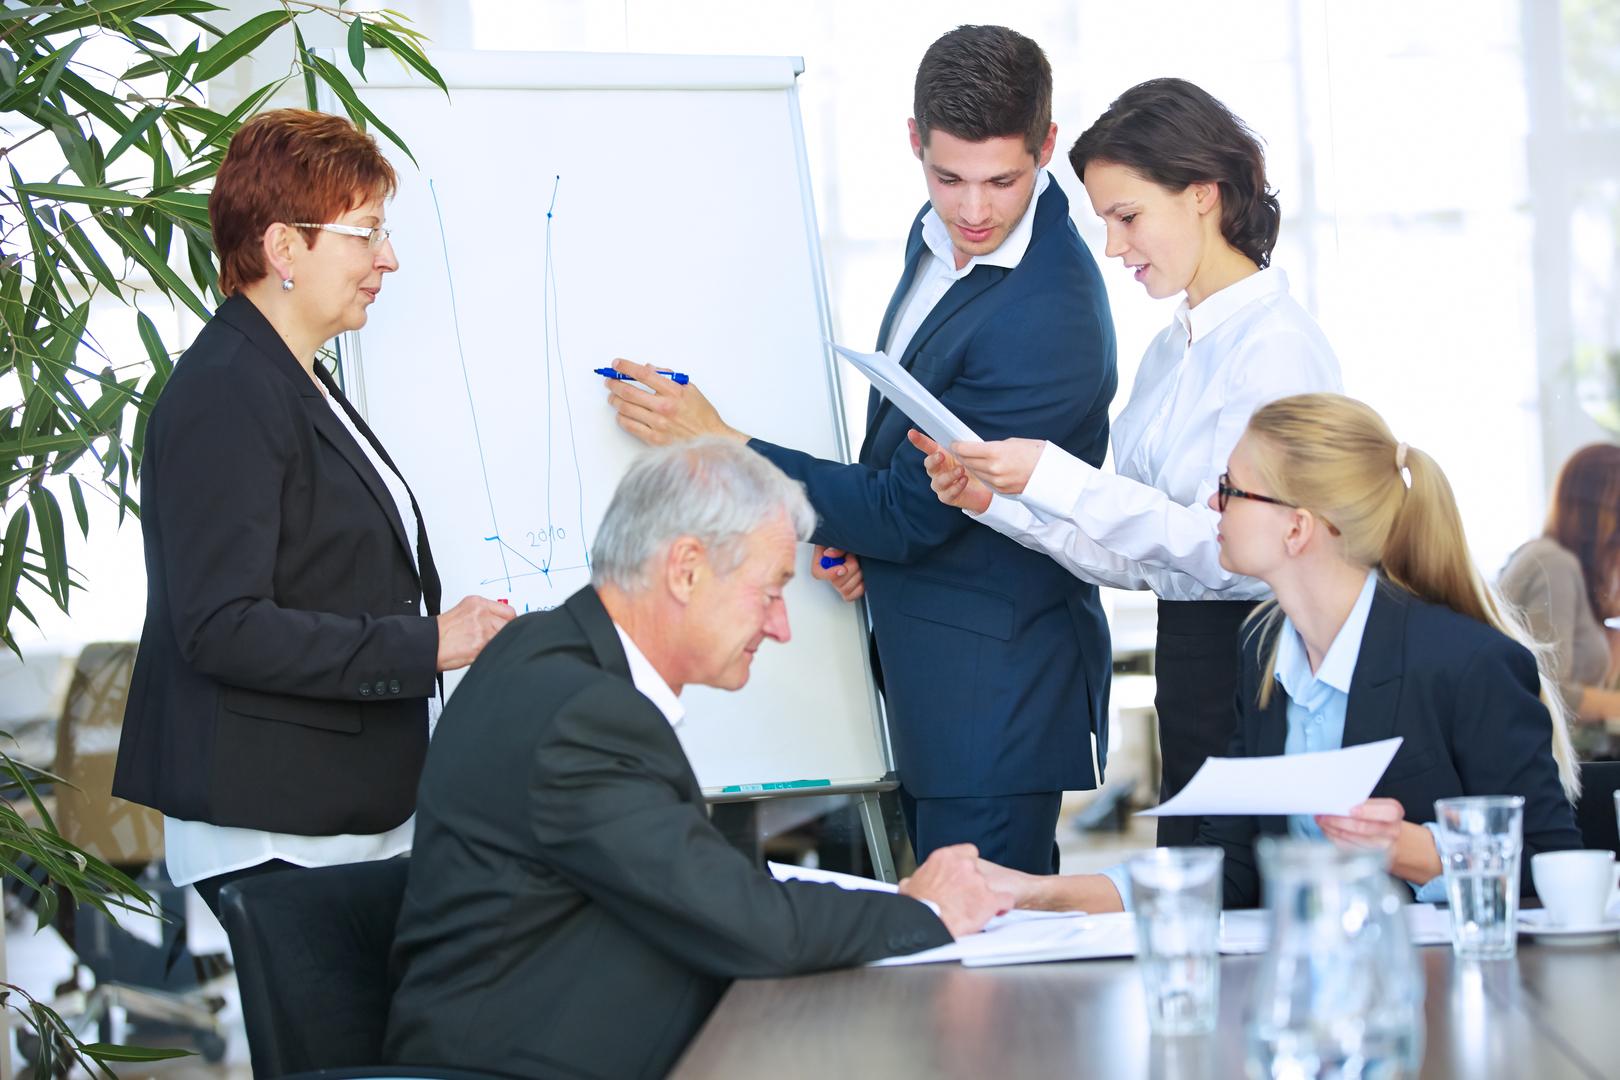 auditoria Asociaciones | auditores Asociaciones